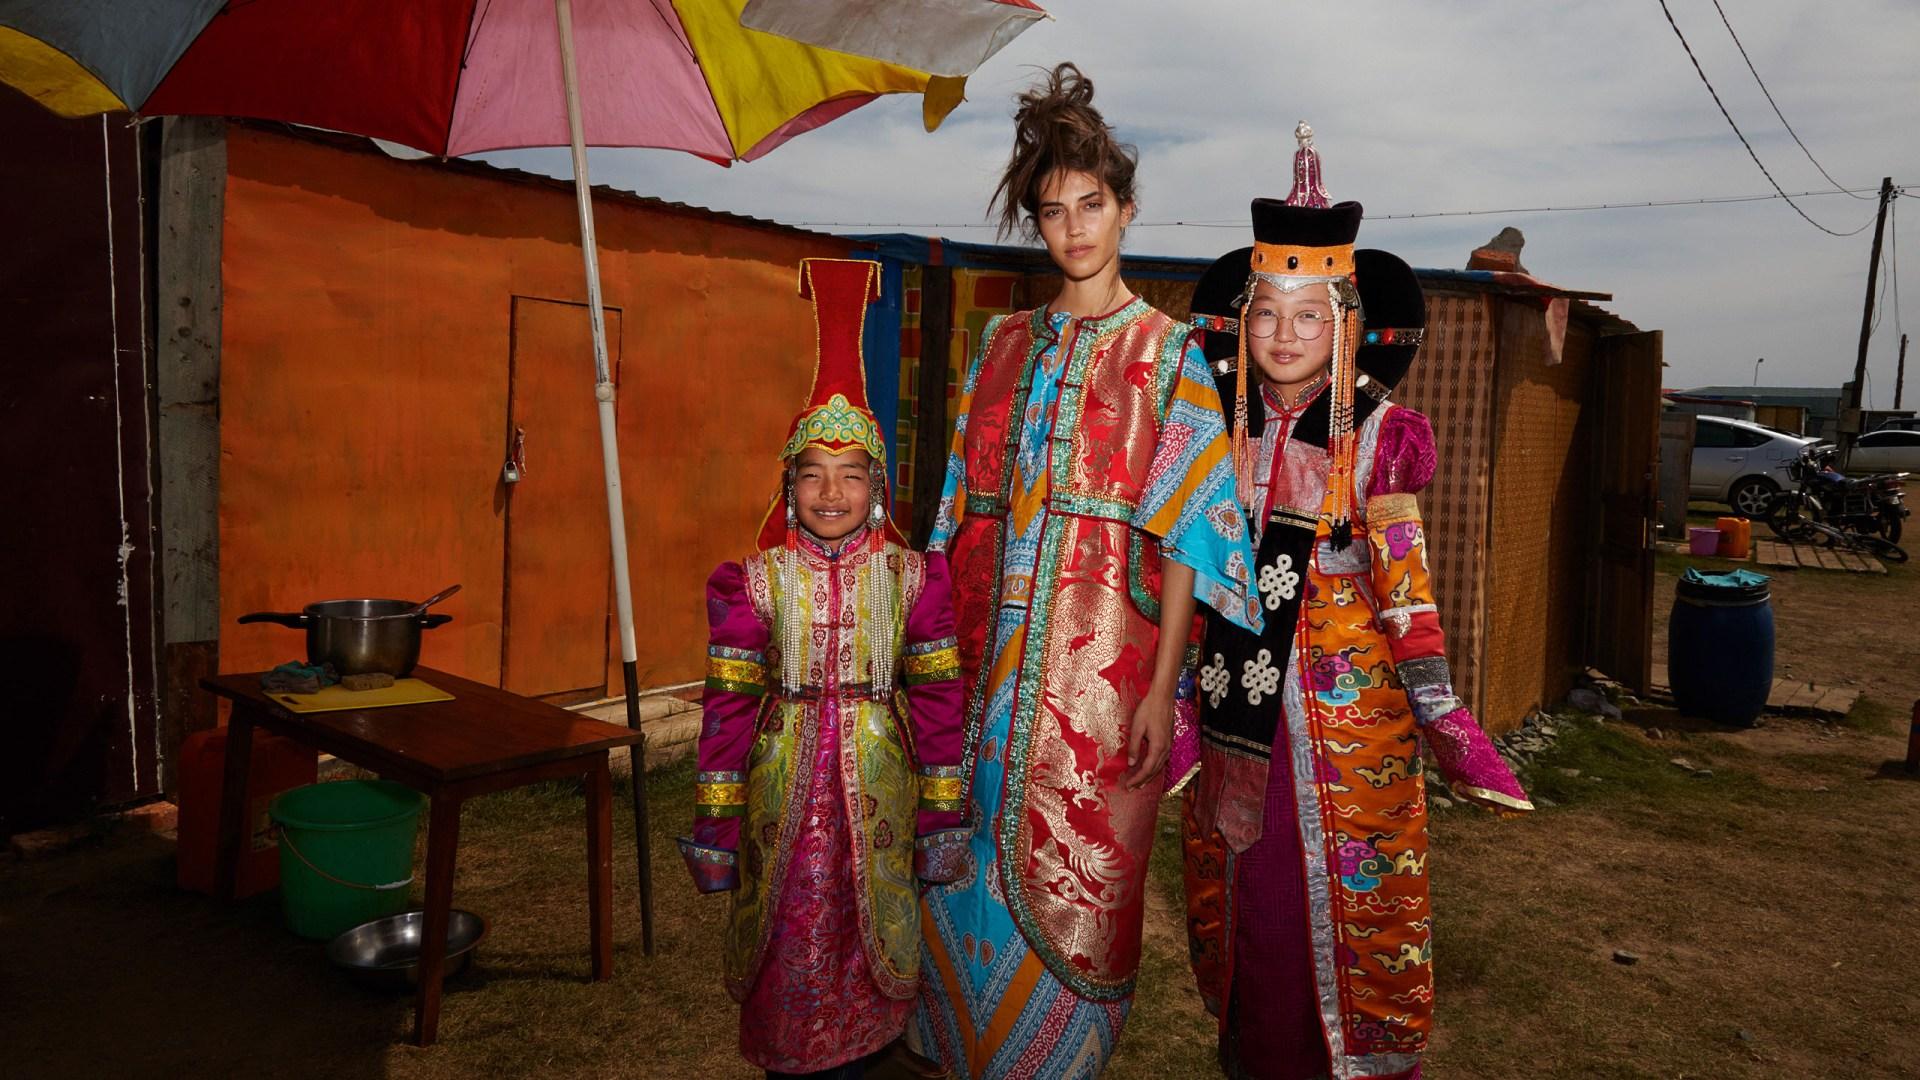 La casa de Alta Costura Chic Bohemia - Antik Batik